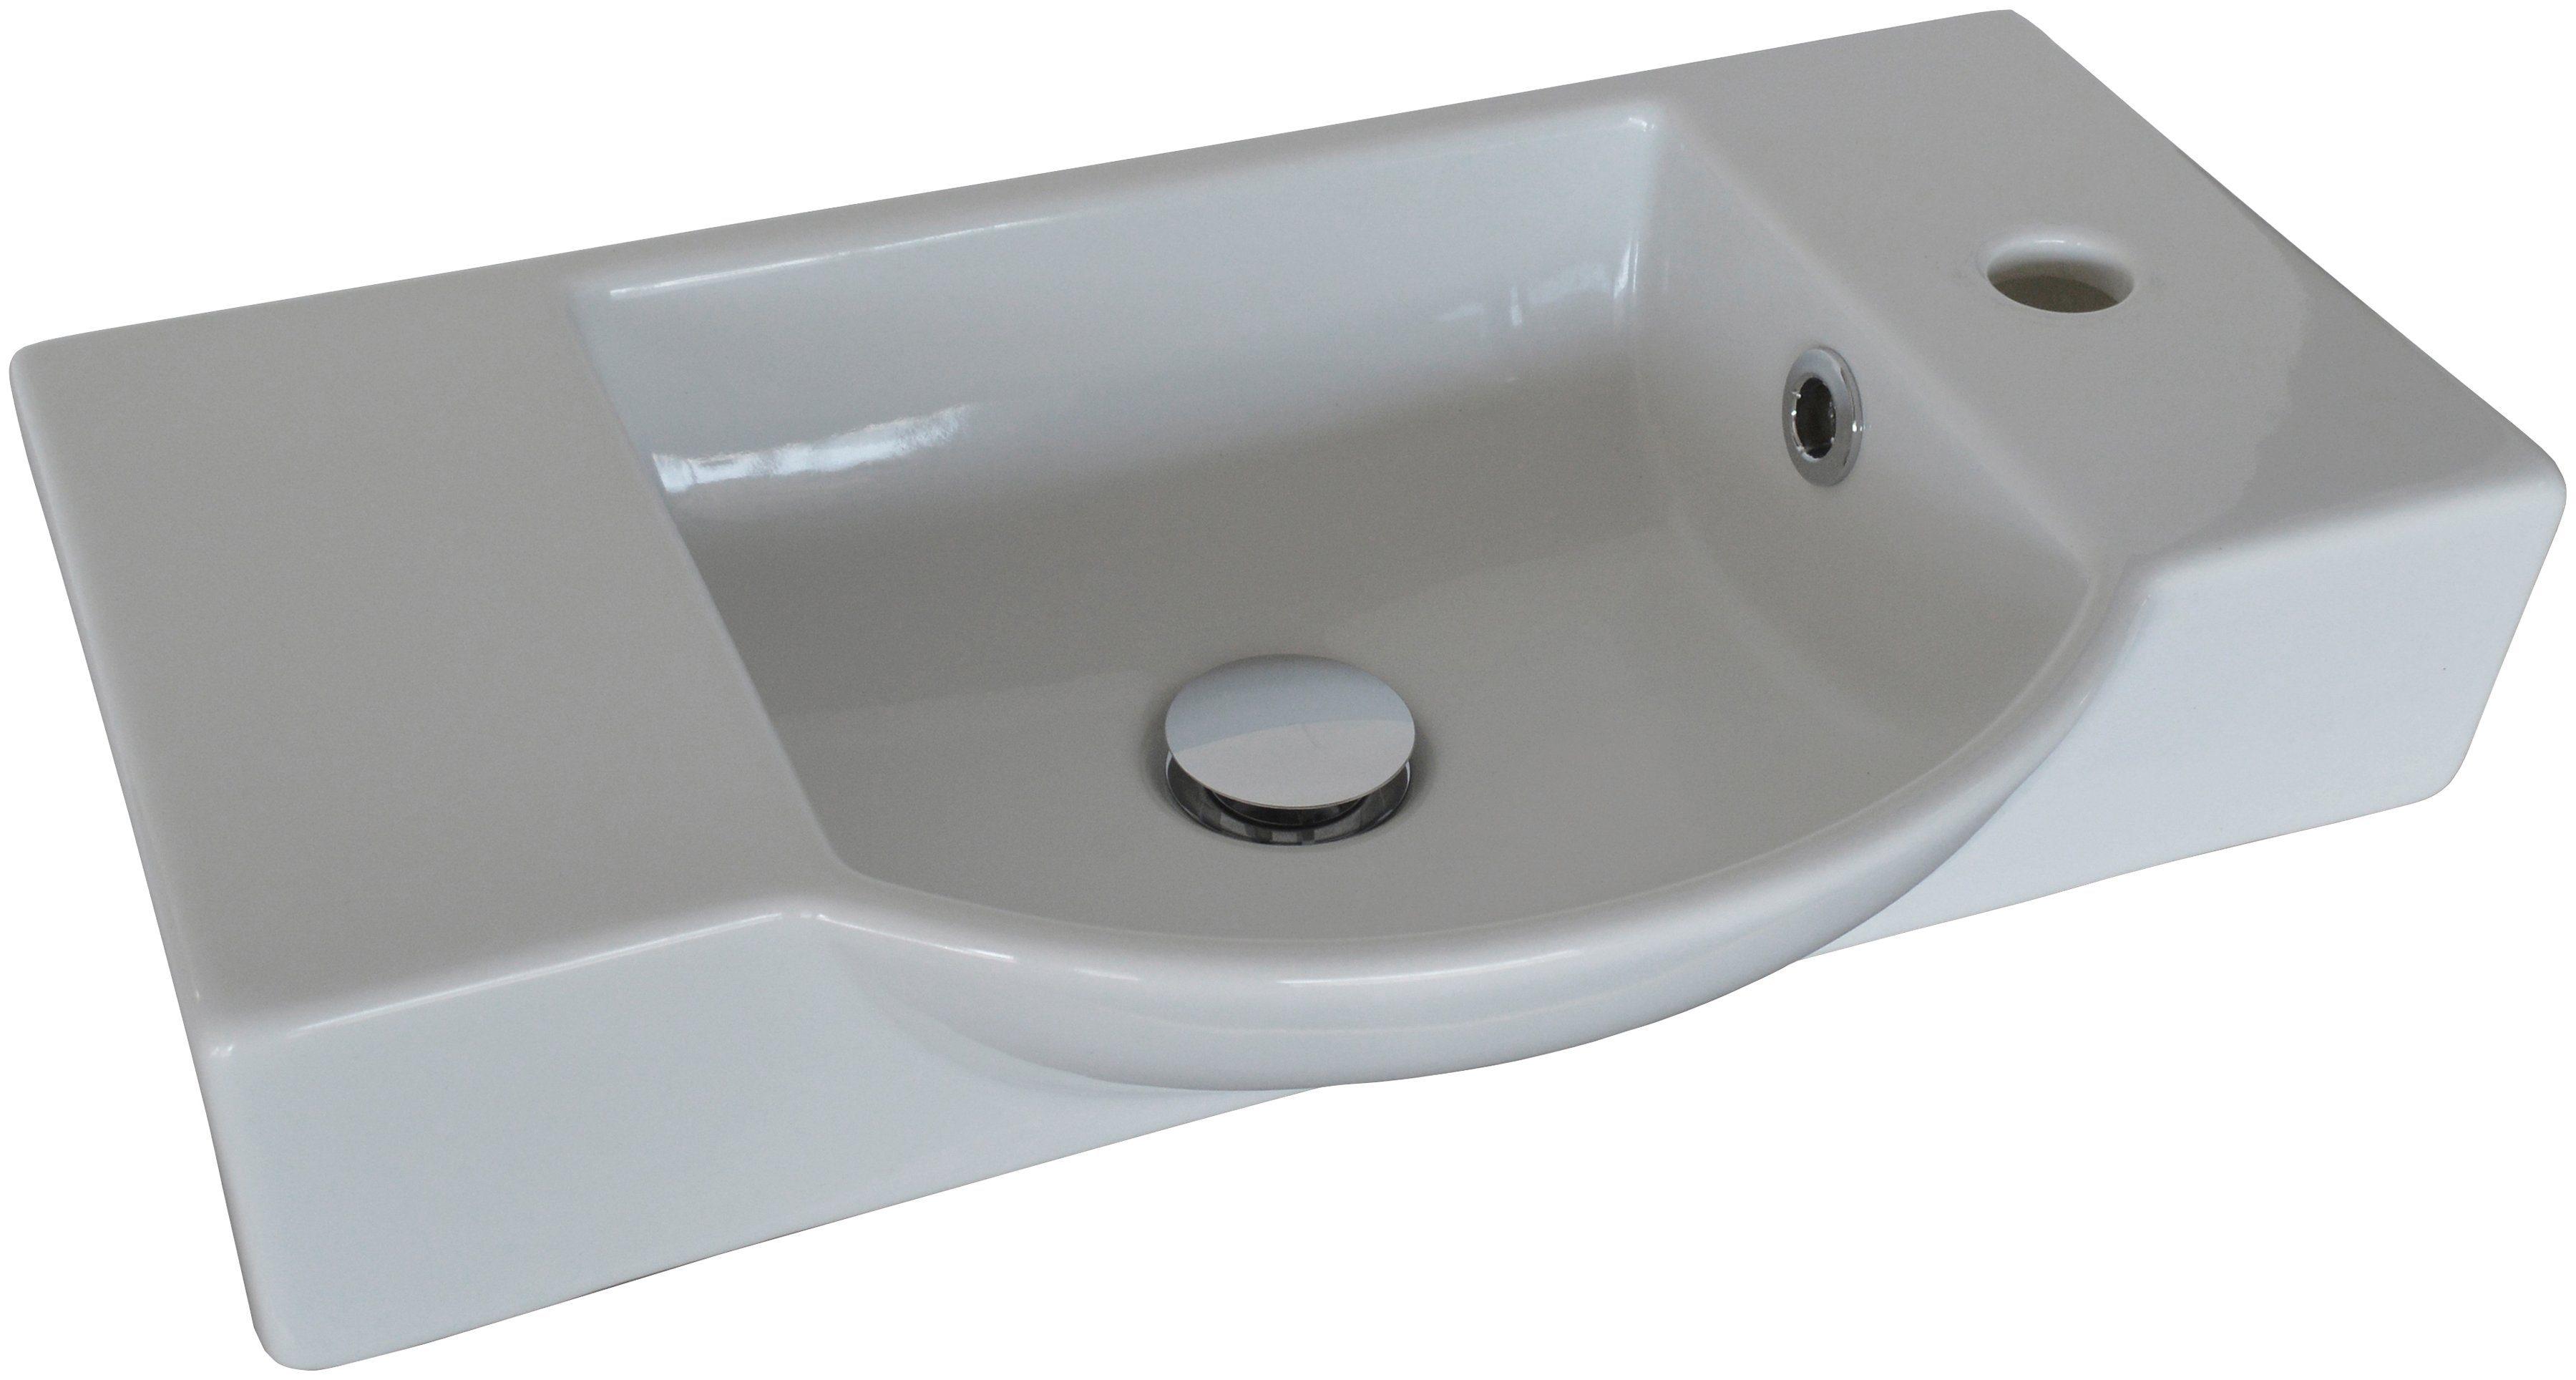 FACKELMANN Waschbecken »Gäste-WC«, Breite 54,5 cm, für Gäste-WC, Keramik